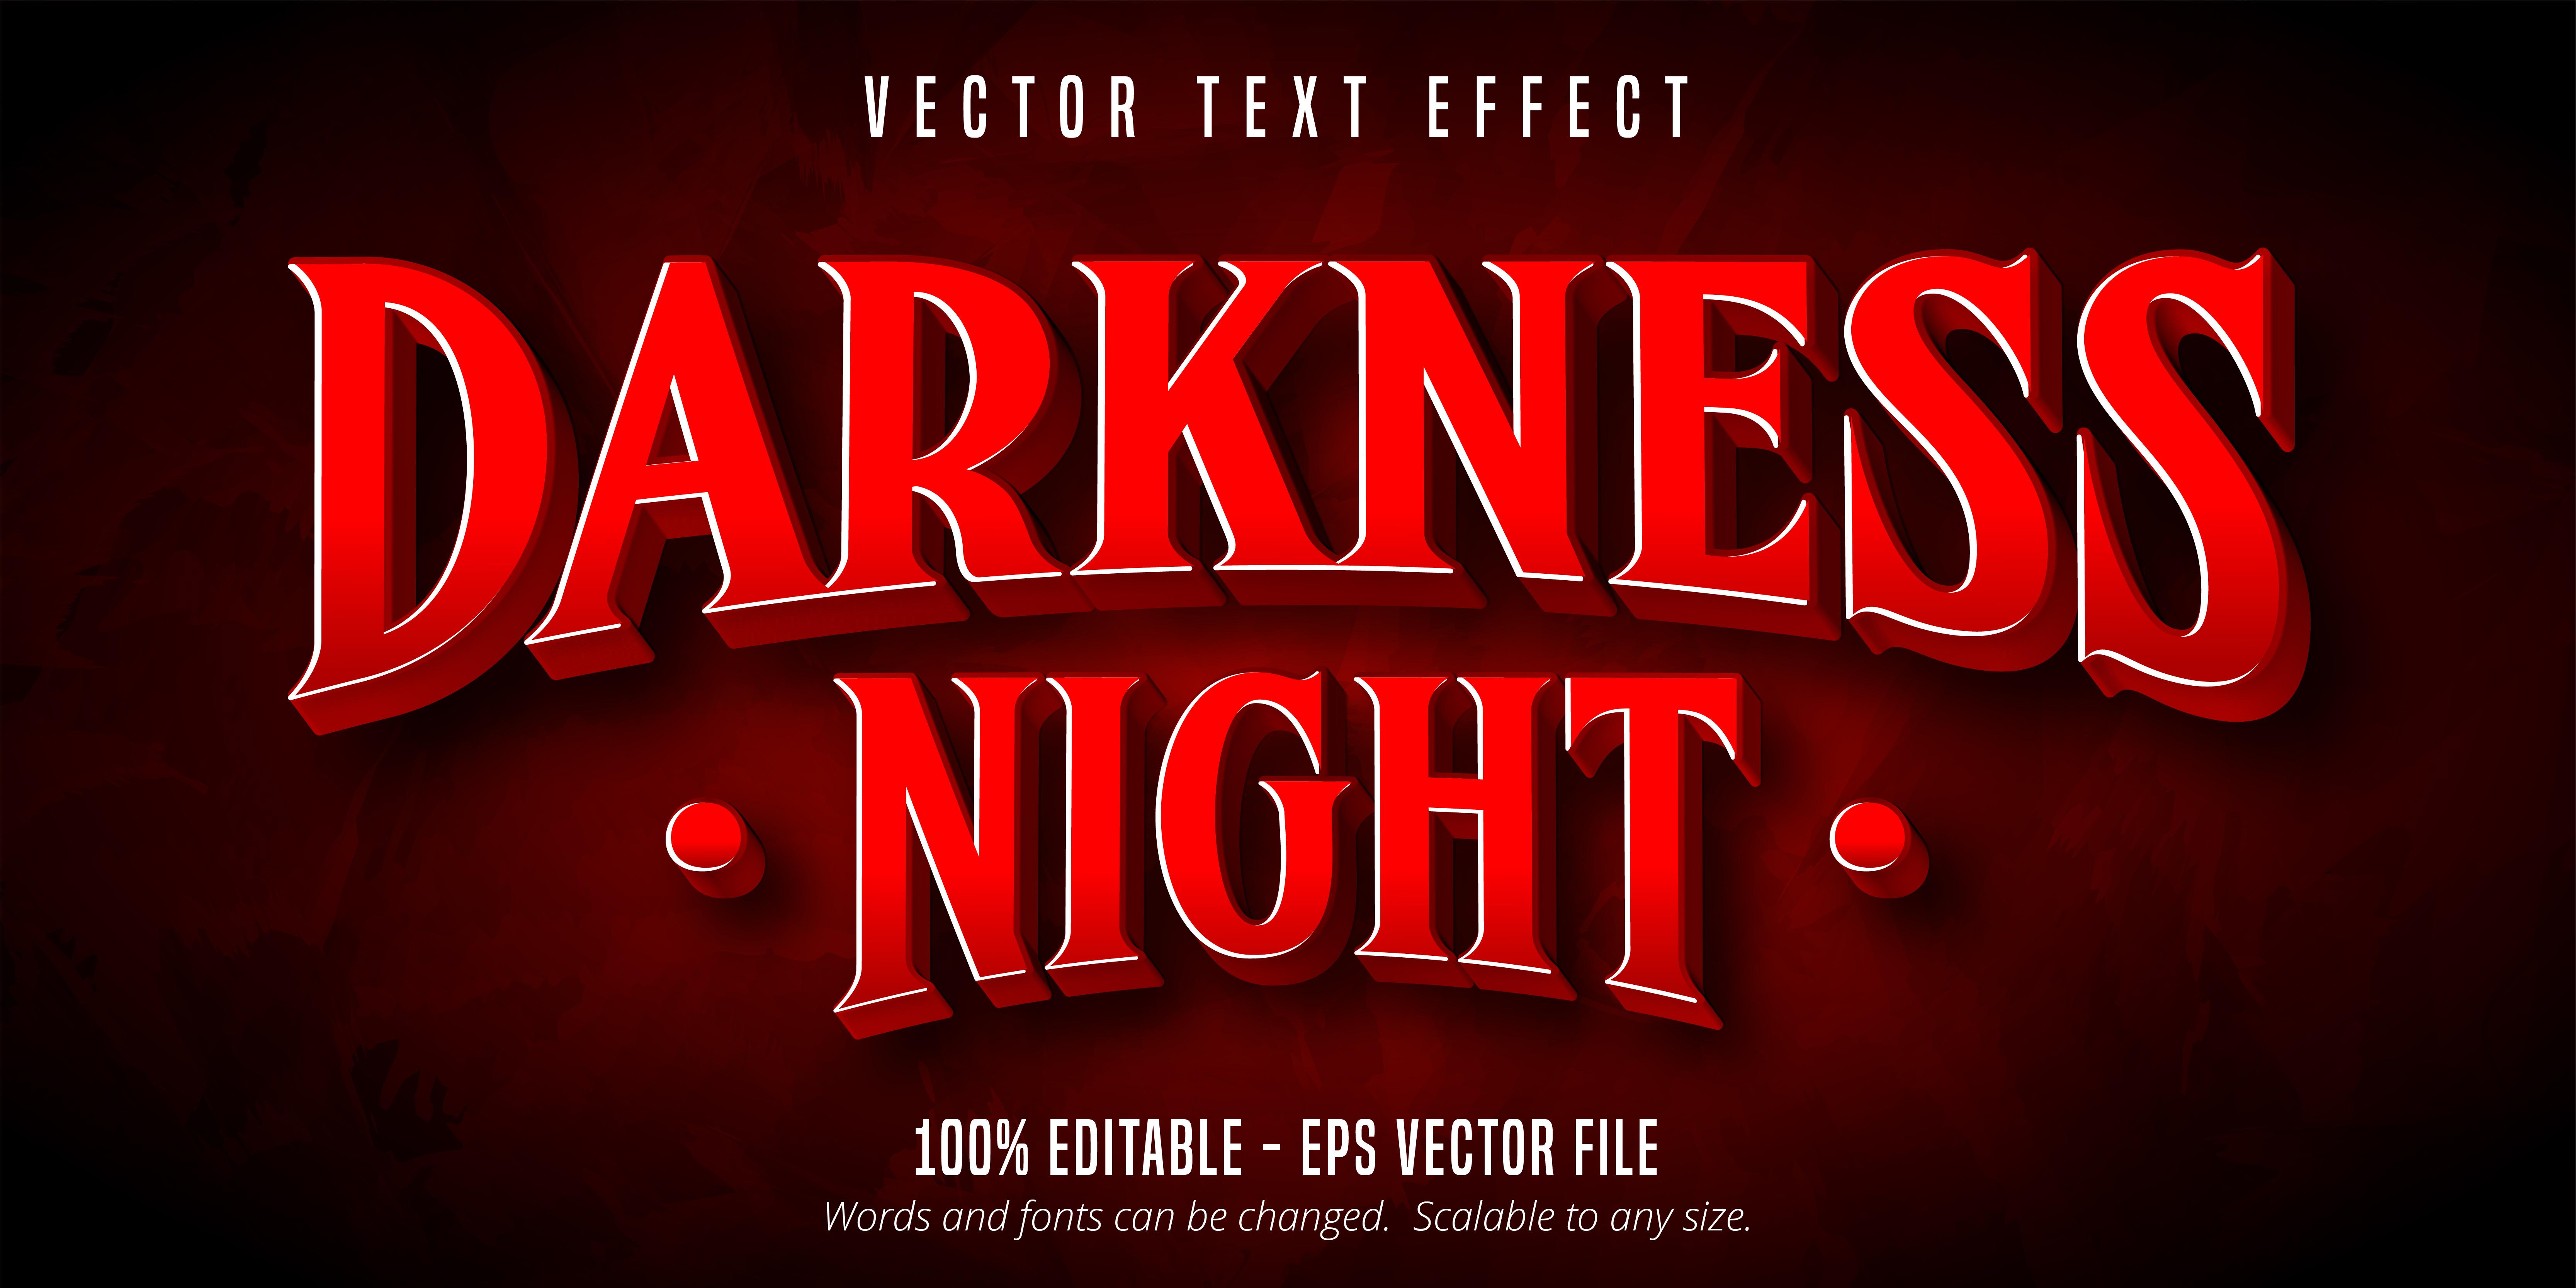 texto de noche de oscuridad, efecto de texto de estilo de juego